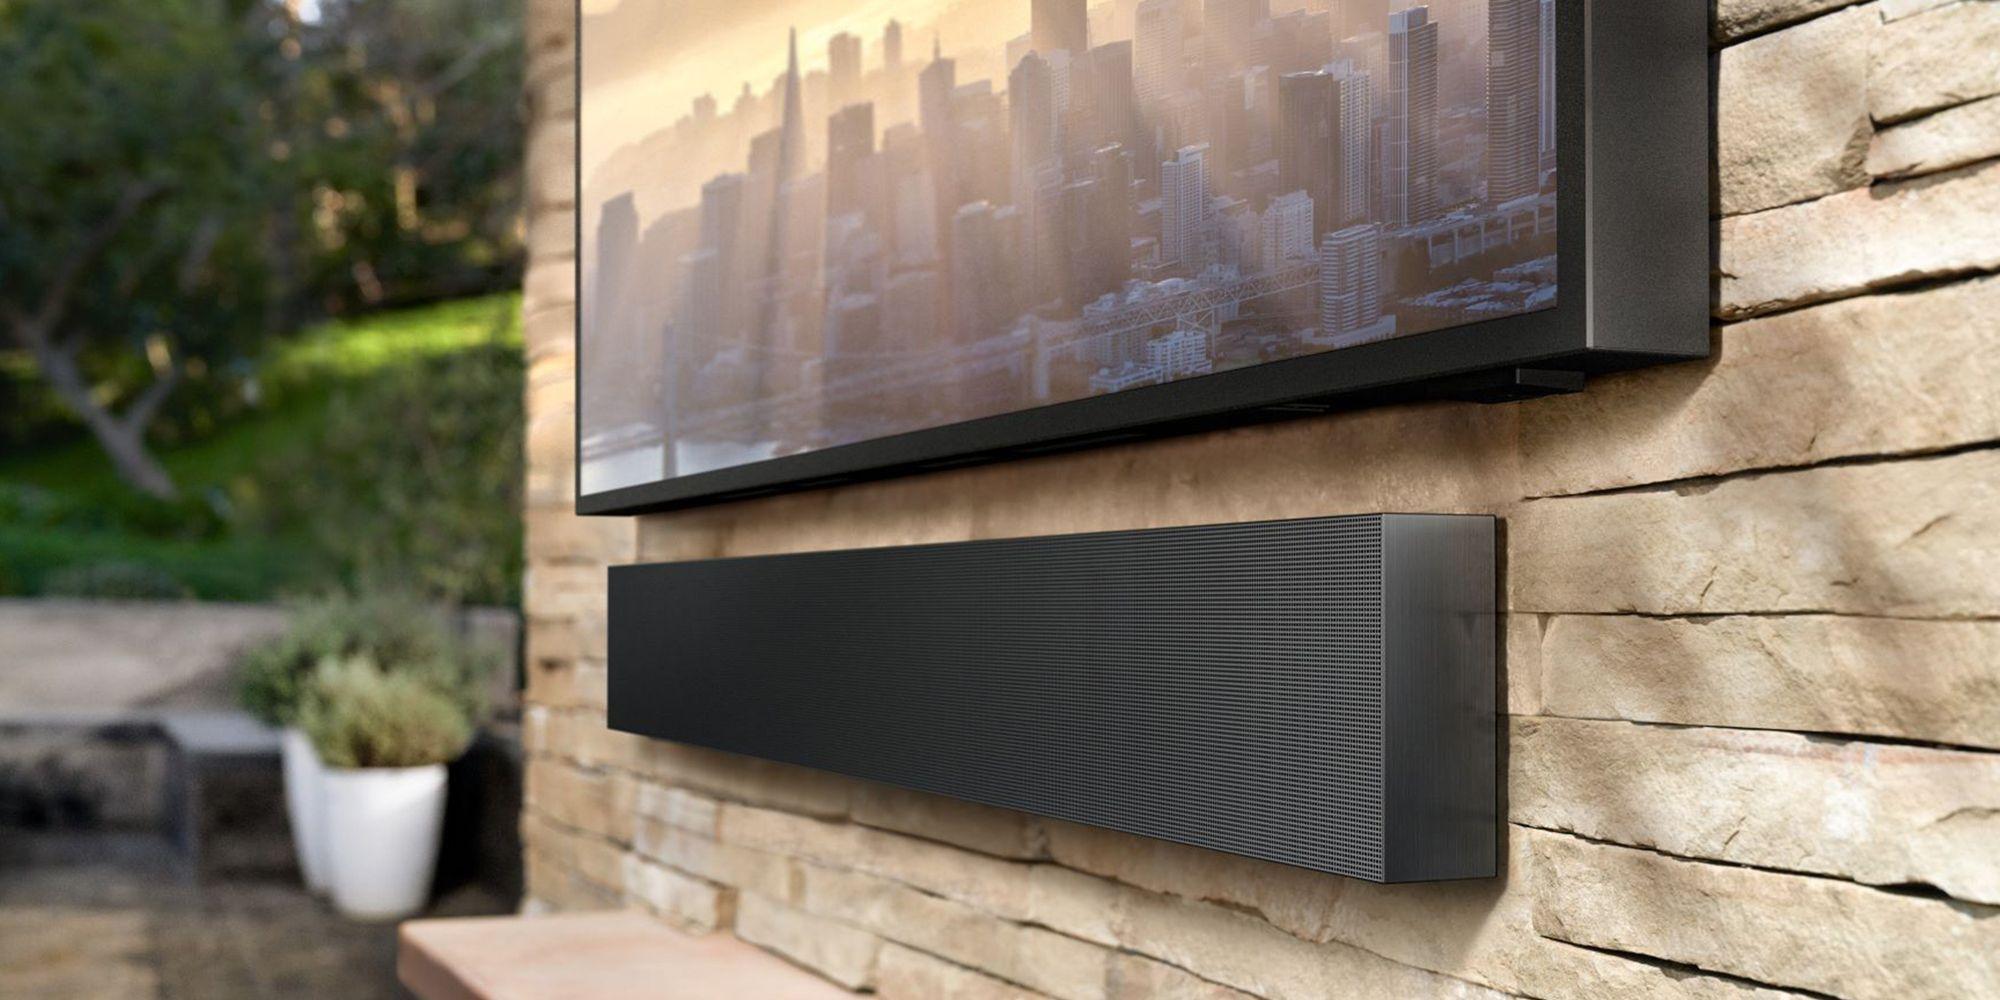 7 Best Outdoor TVs for Your Backyard 2021 - Outdoor TV Reviews